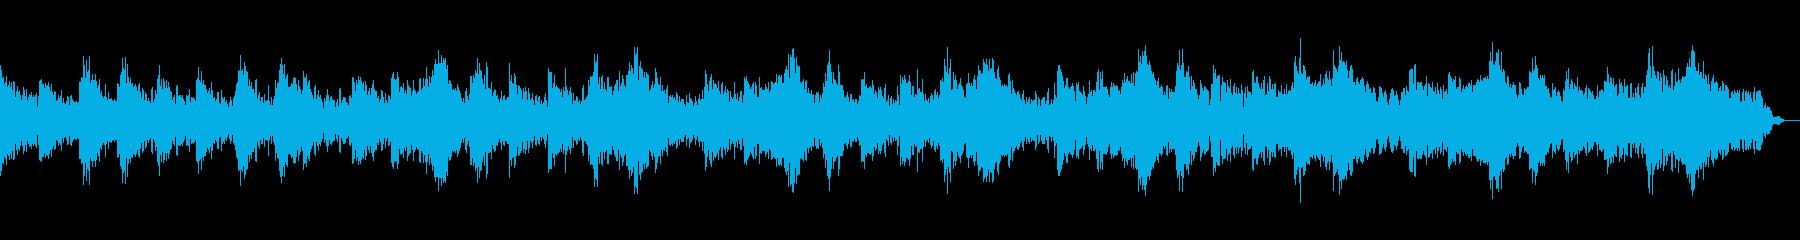 眠りが浅い方におすすめのセラピー音楽の再生済みの波形